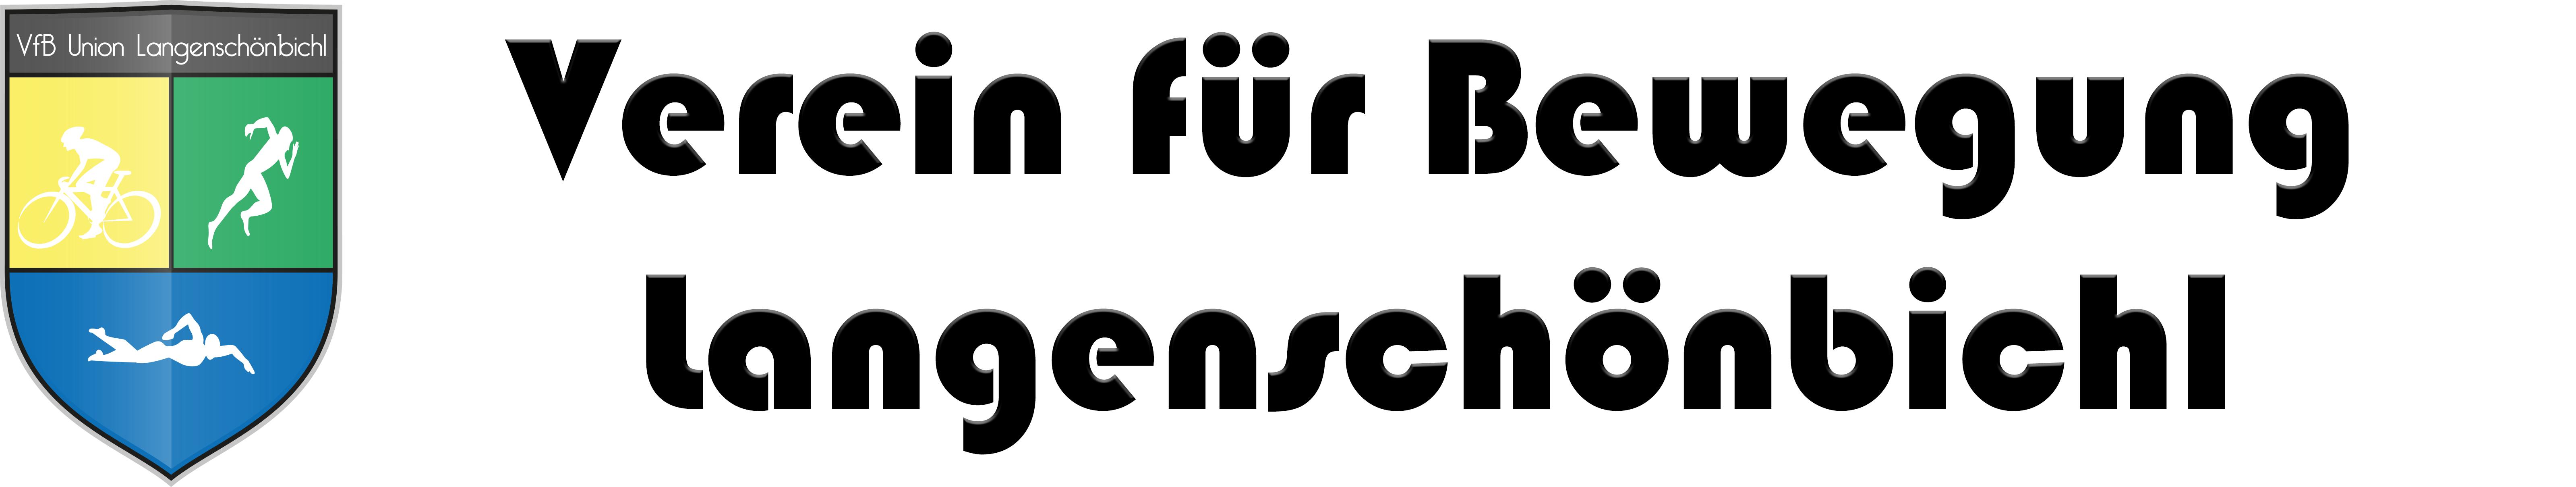 VFB Langenschönbichl logo